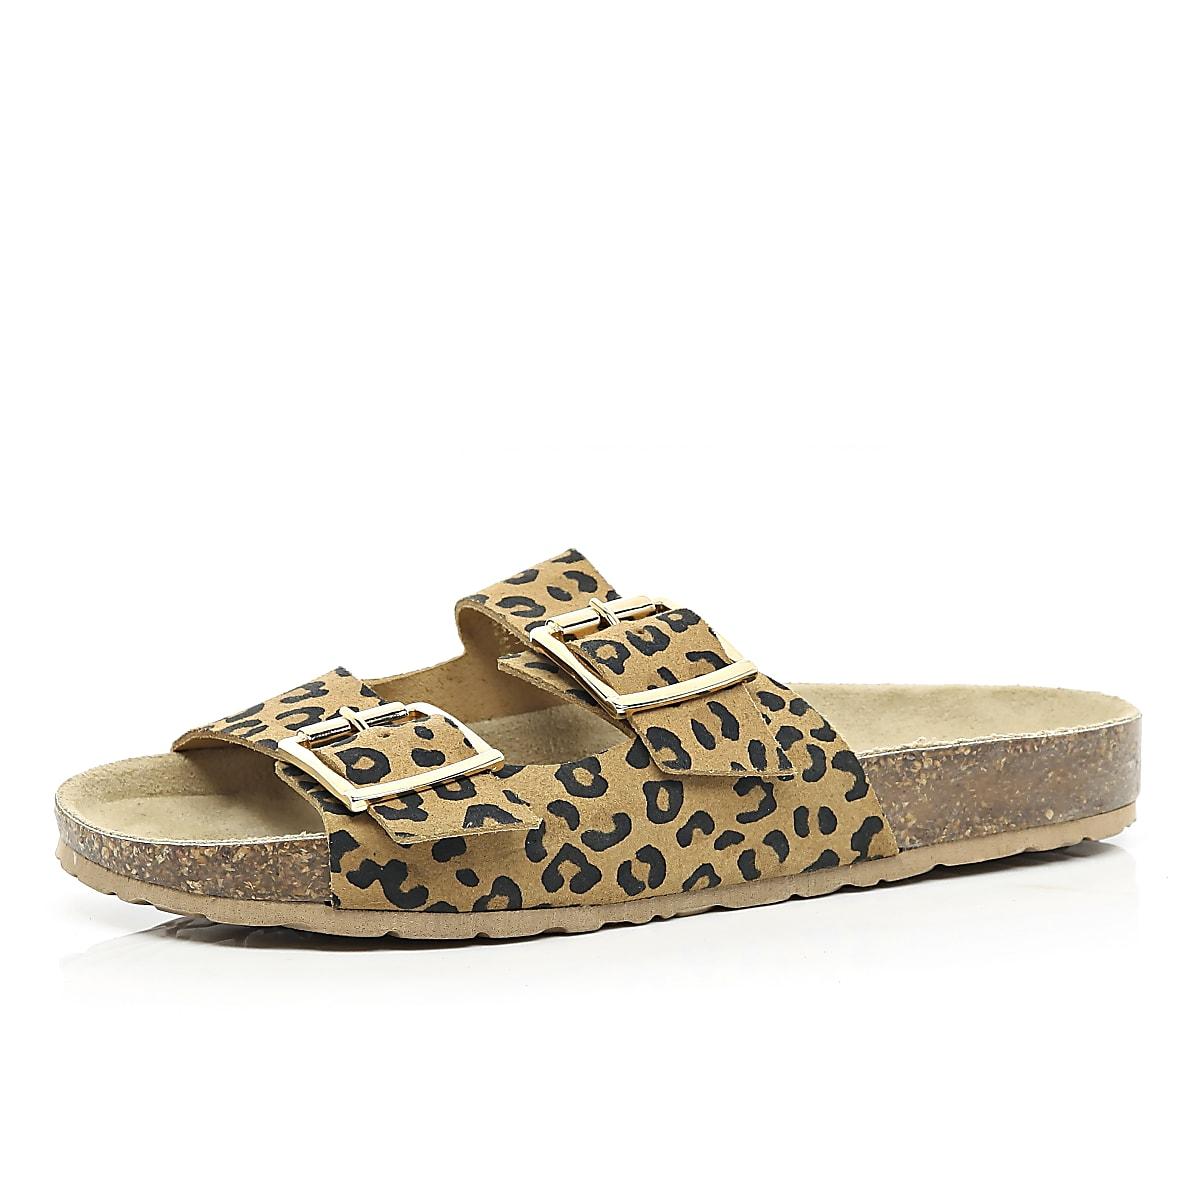 Brown leopard print double strap sandals